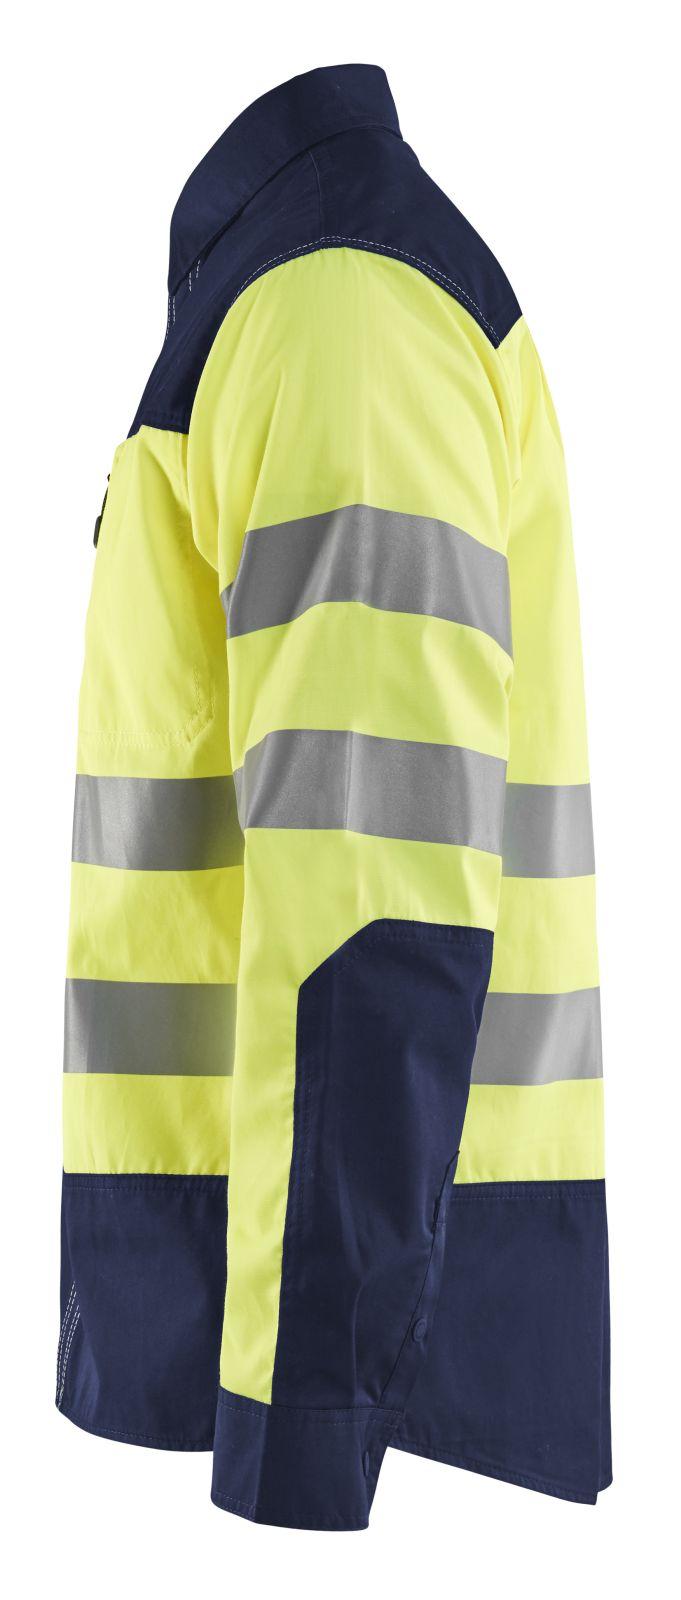 Blaklader Shirts 32551817 fluo geel-marineblauw(3389)